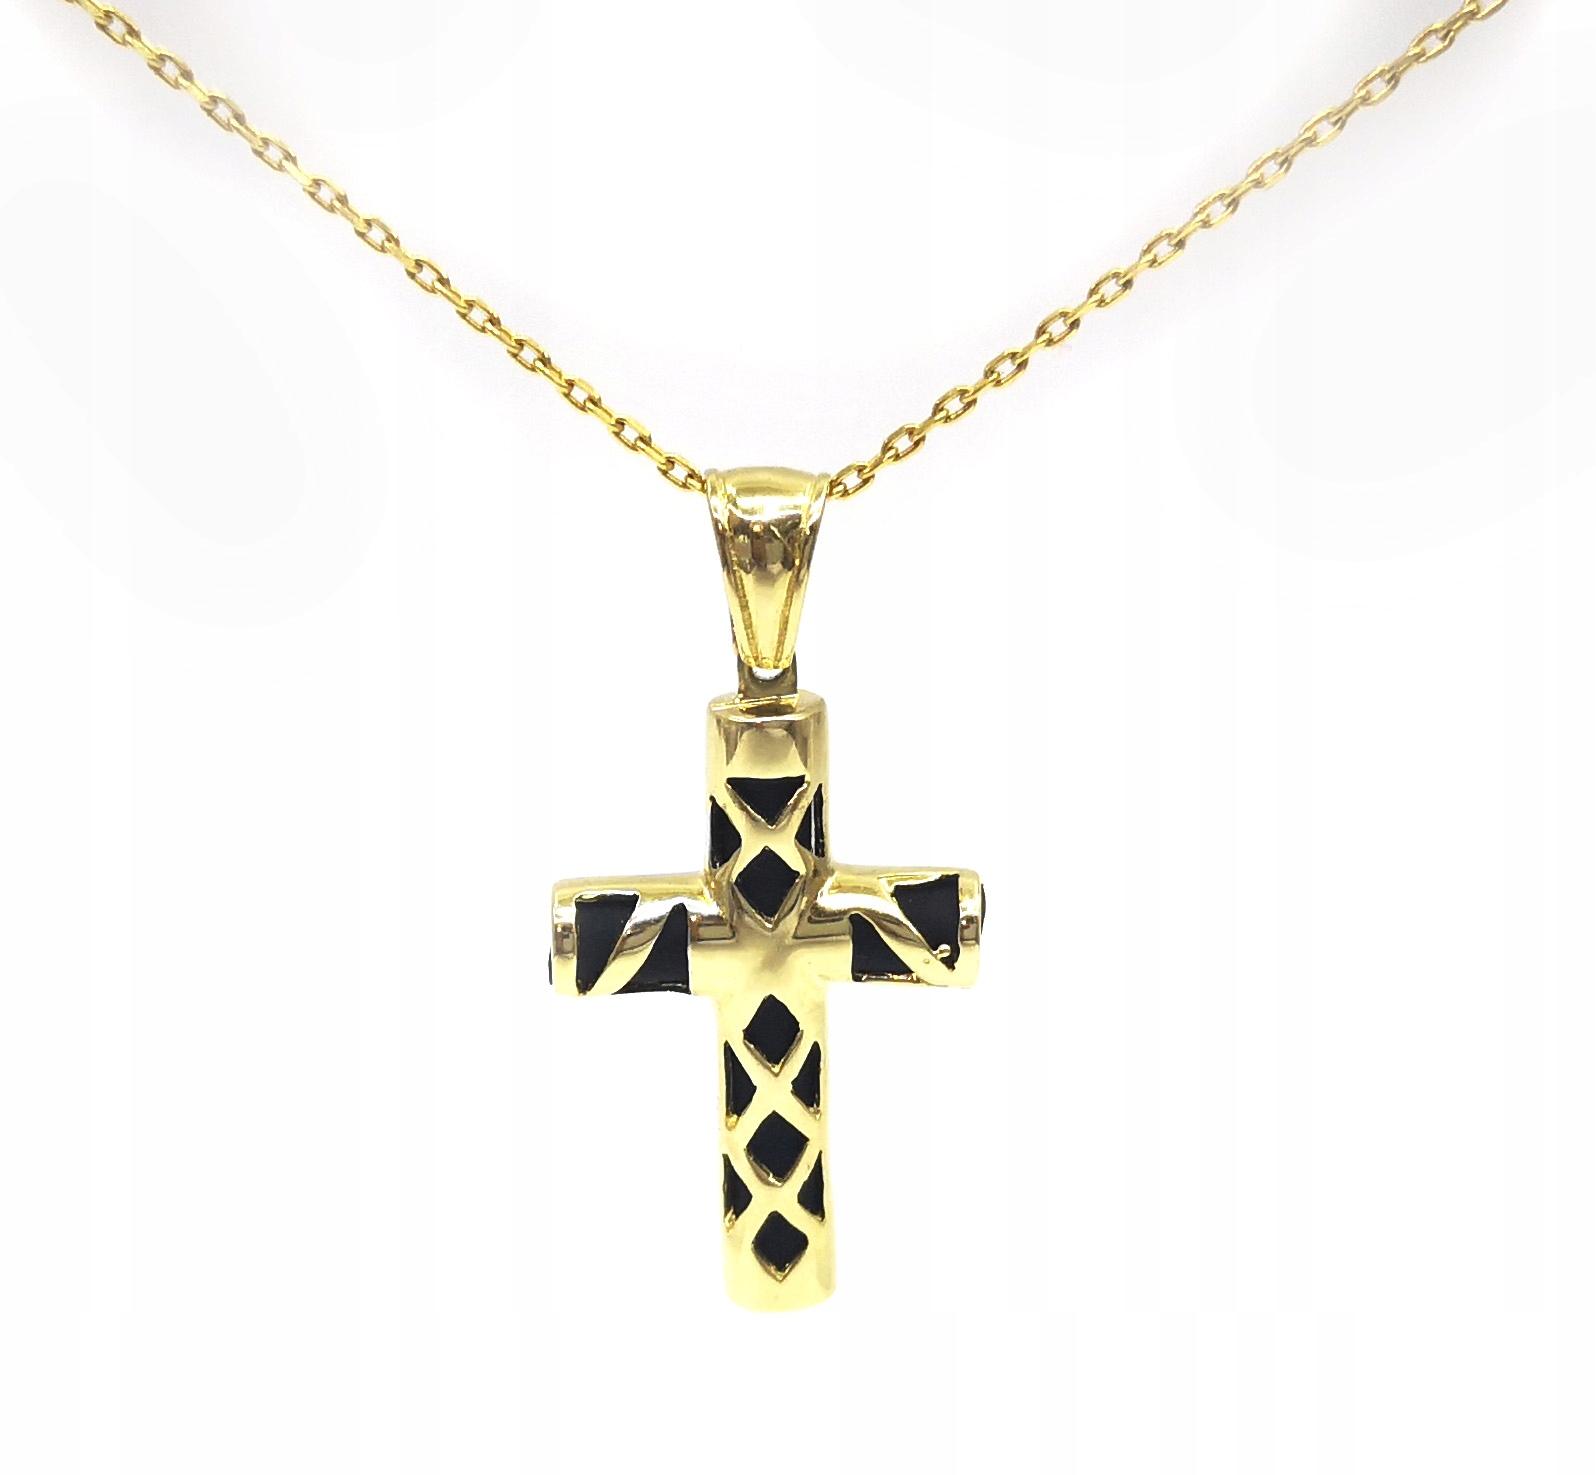 Zlatý prívesok kríž 585 3.52 g K